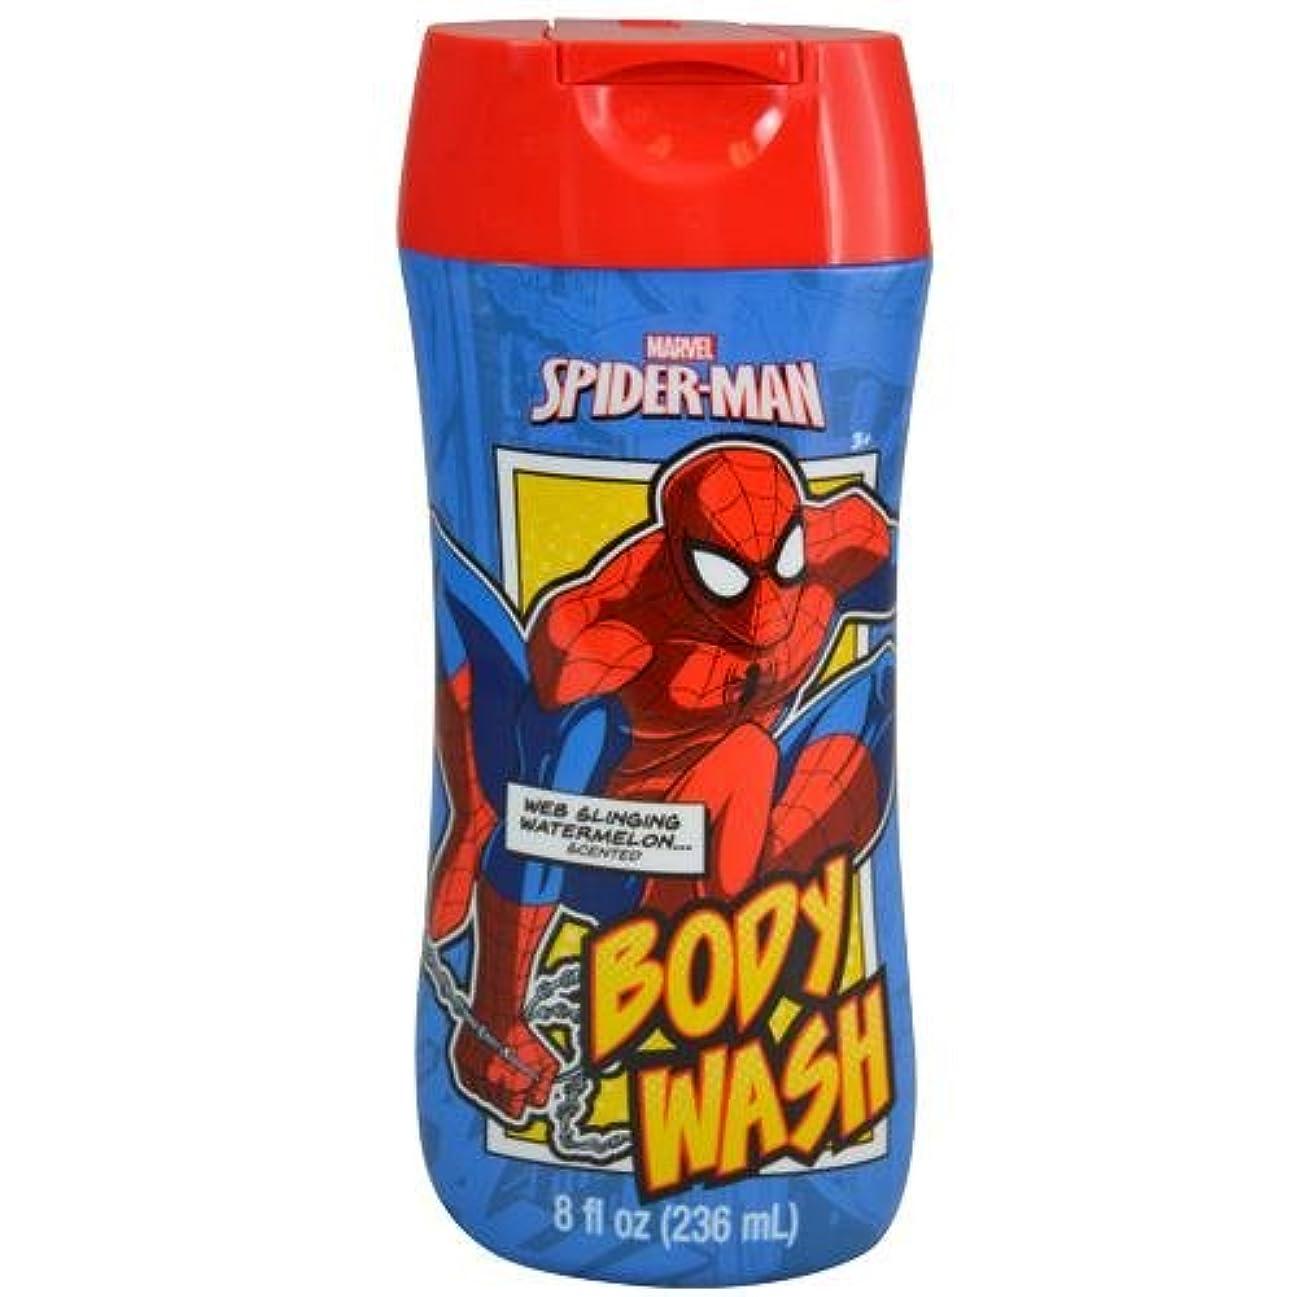 適応的マディソン法律スパイダーマン SPIDER-MAN ボディーソープ 12185 MARVEL お風呂 ボディ ソープ 子供用 キッズ ボディソープ MARVEL ボディウォッシュ マーベル ボディーウォッシュ【即日?翌日発送】